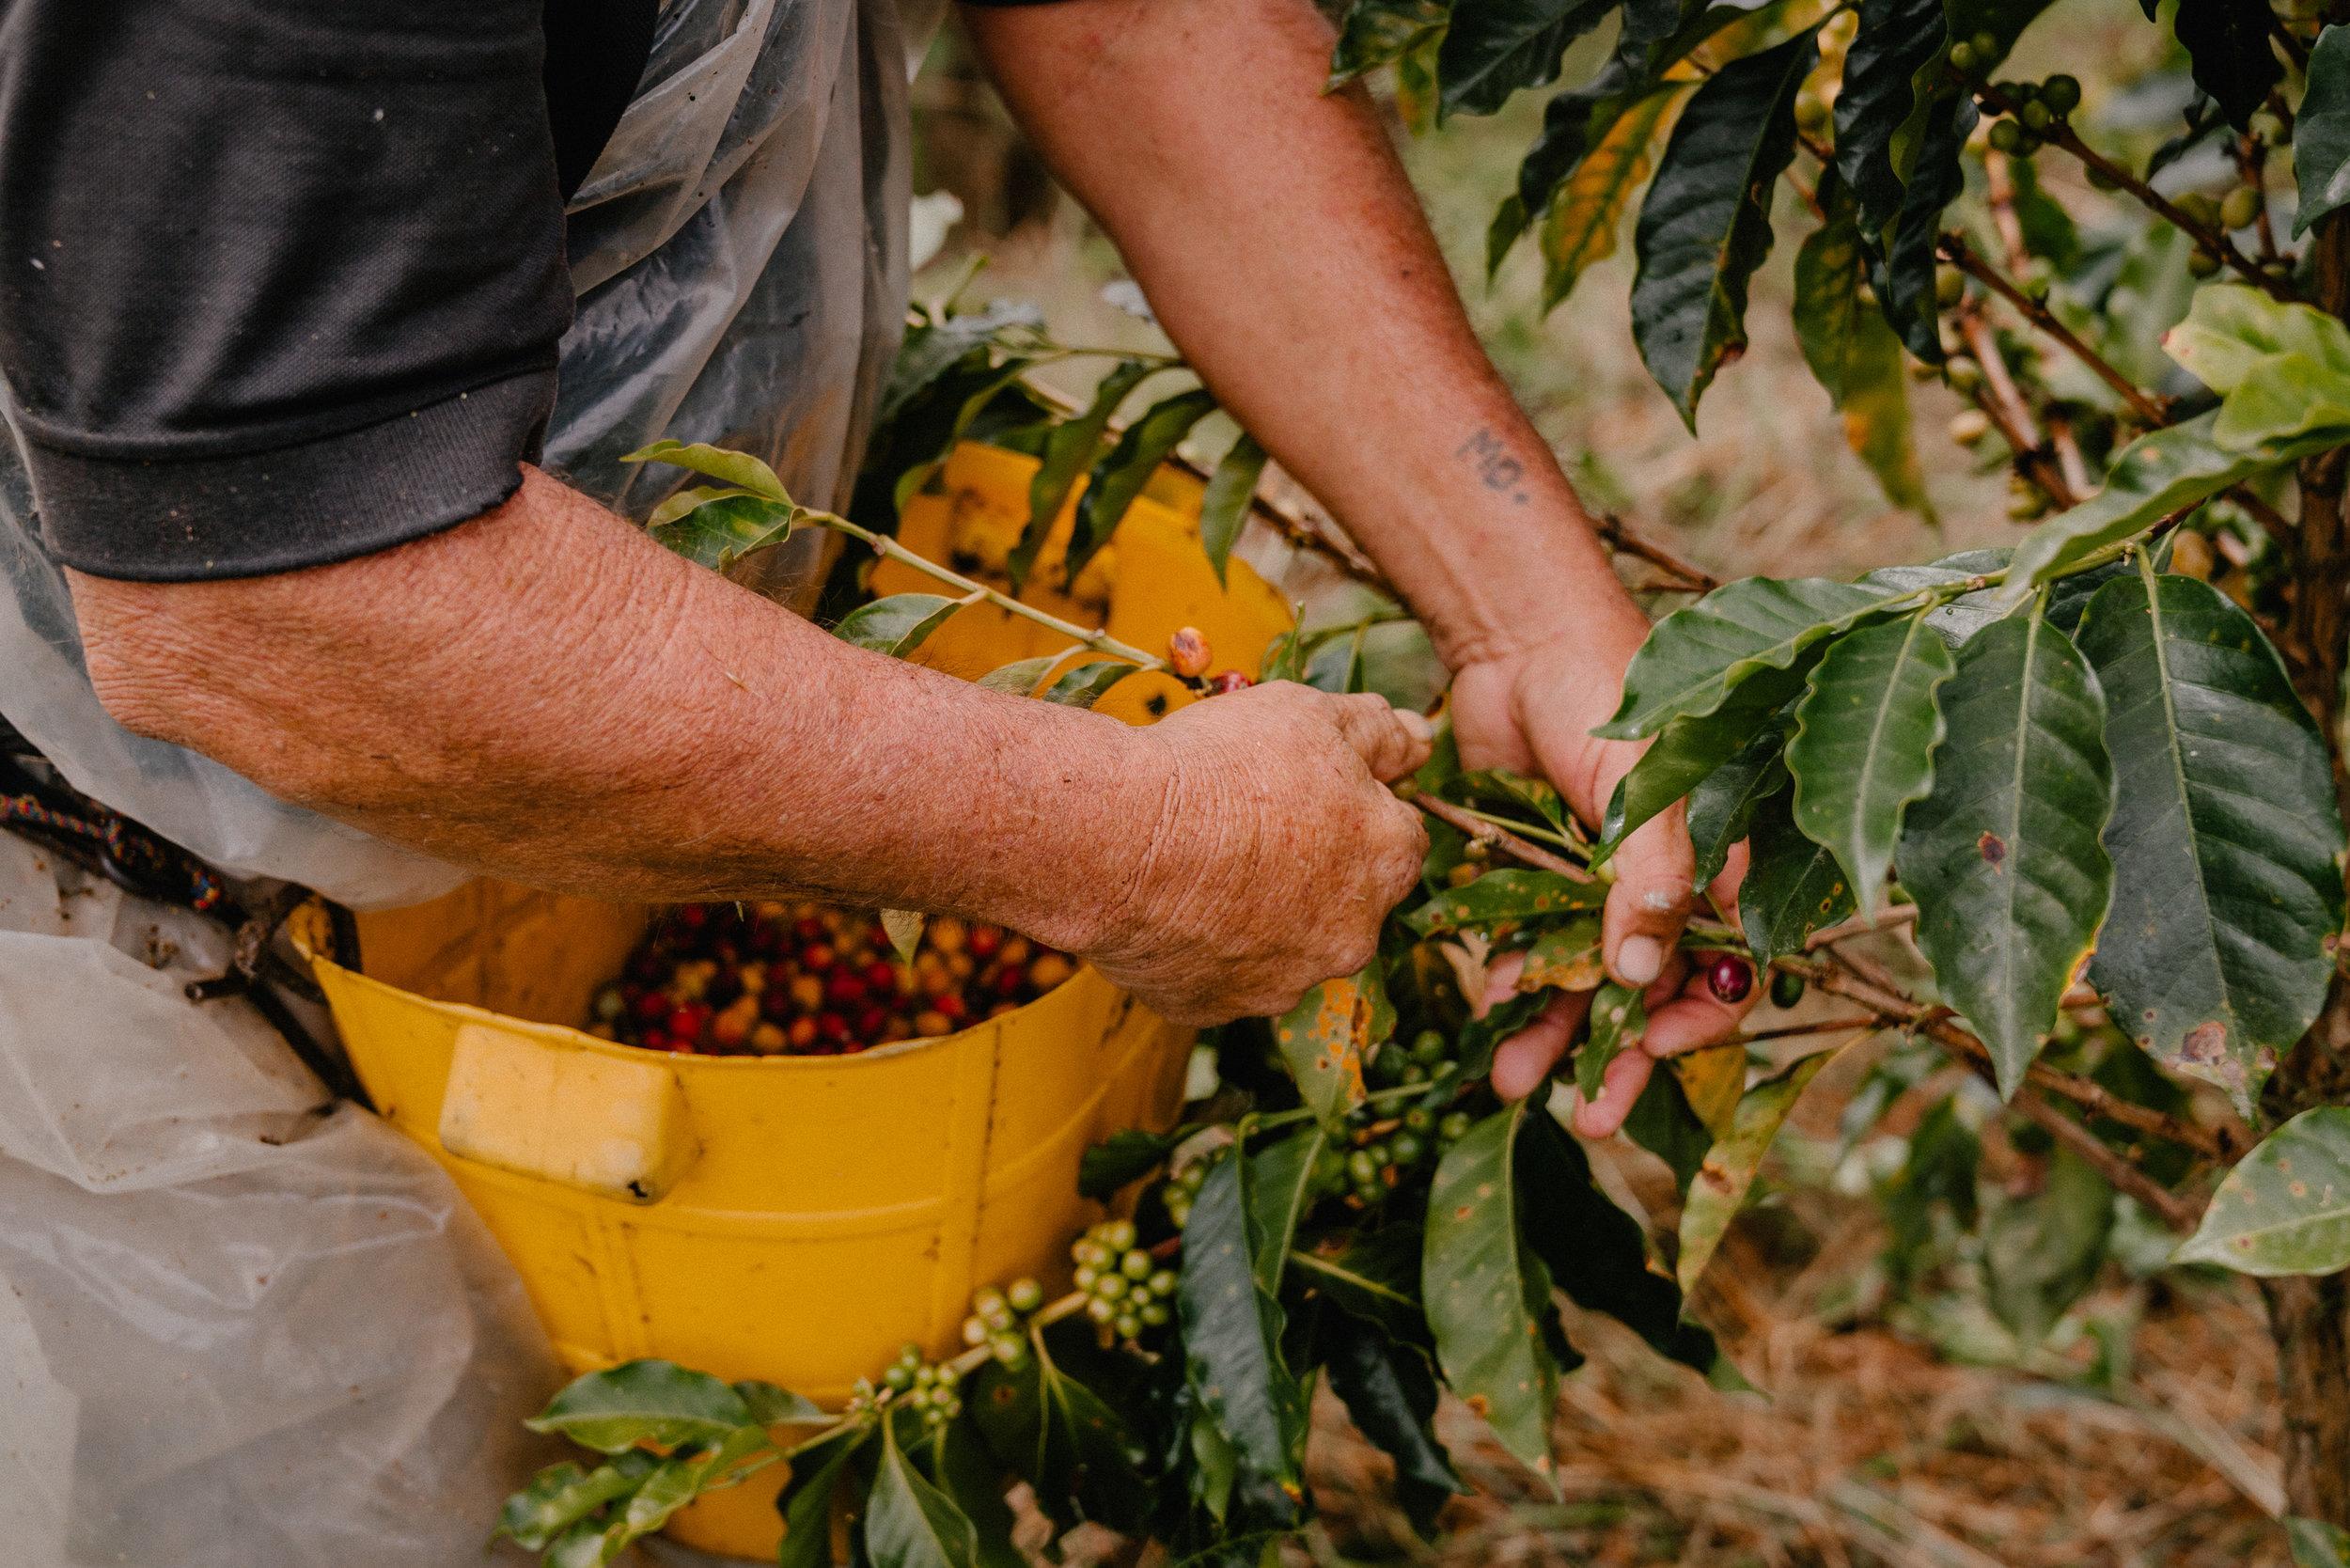 Emanuel-Hahn-Colombia-Coffee-Farmers-Huila-Manizales-Pagpropina-7.jpg